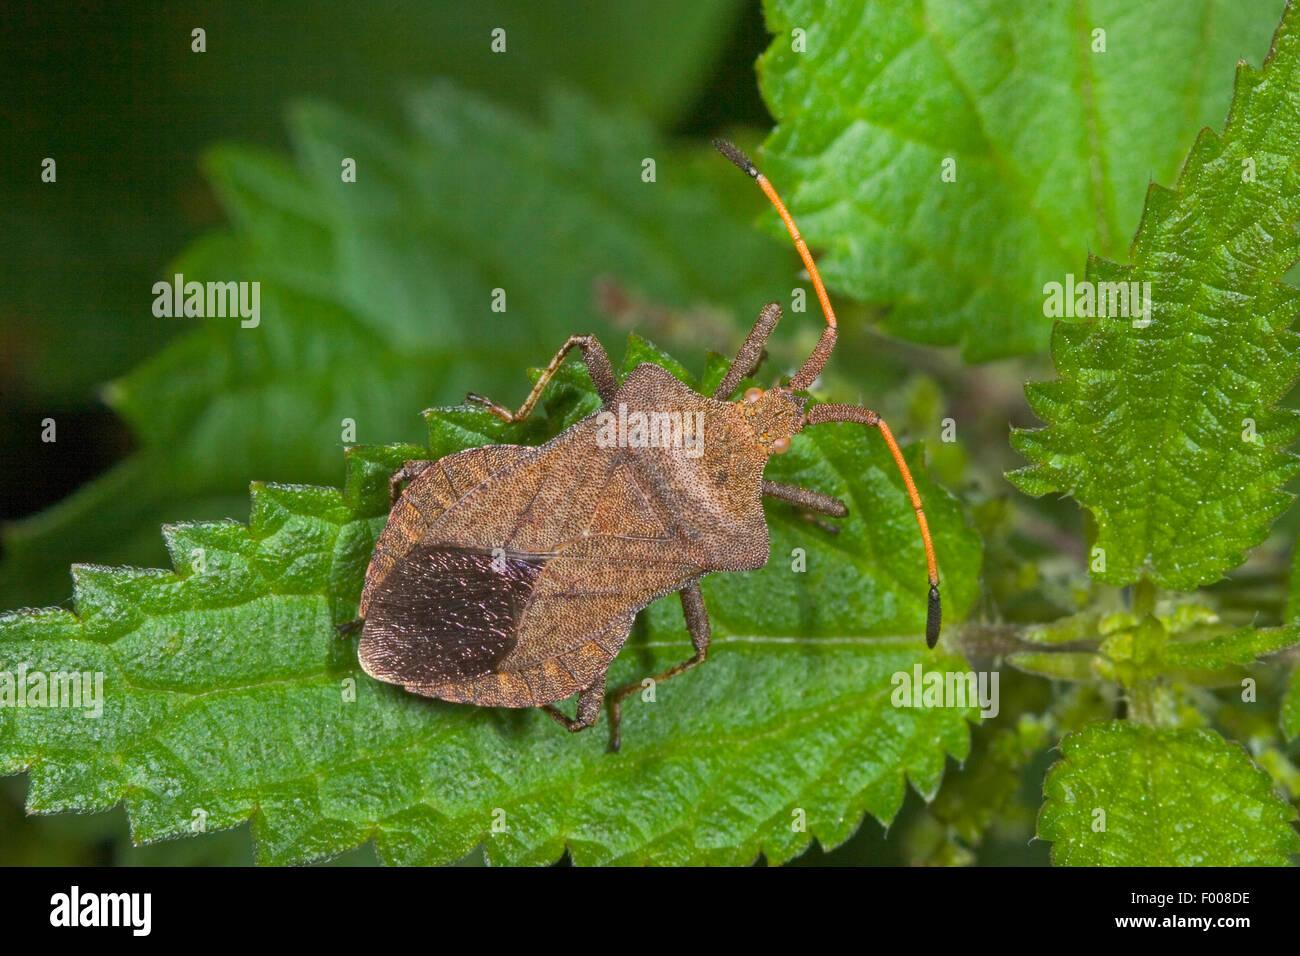 Squash bug (Coreus marginatus, Mesocerus marginatus), seduta su una foglia, Germania Immagini Stock